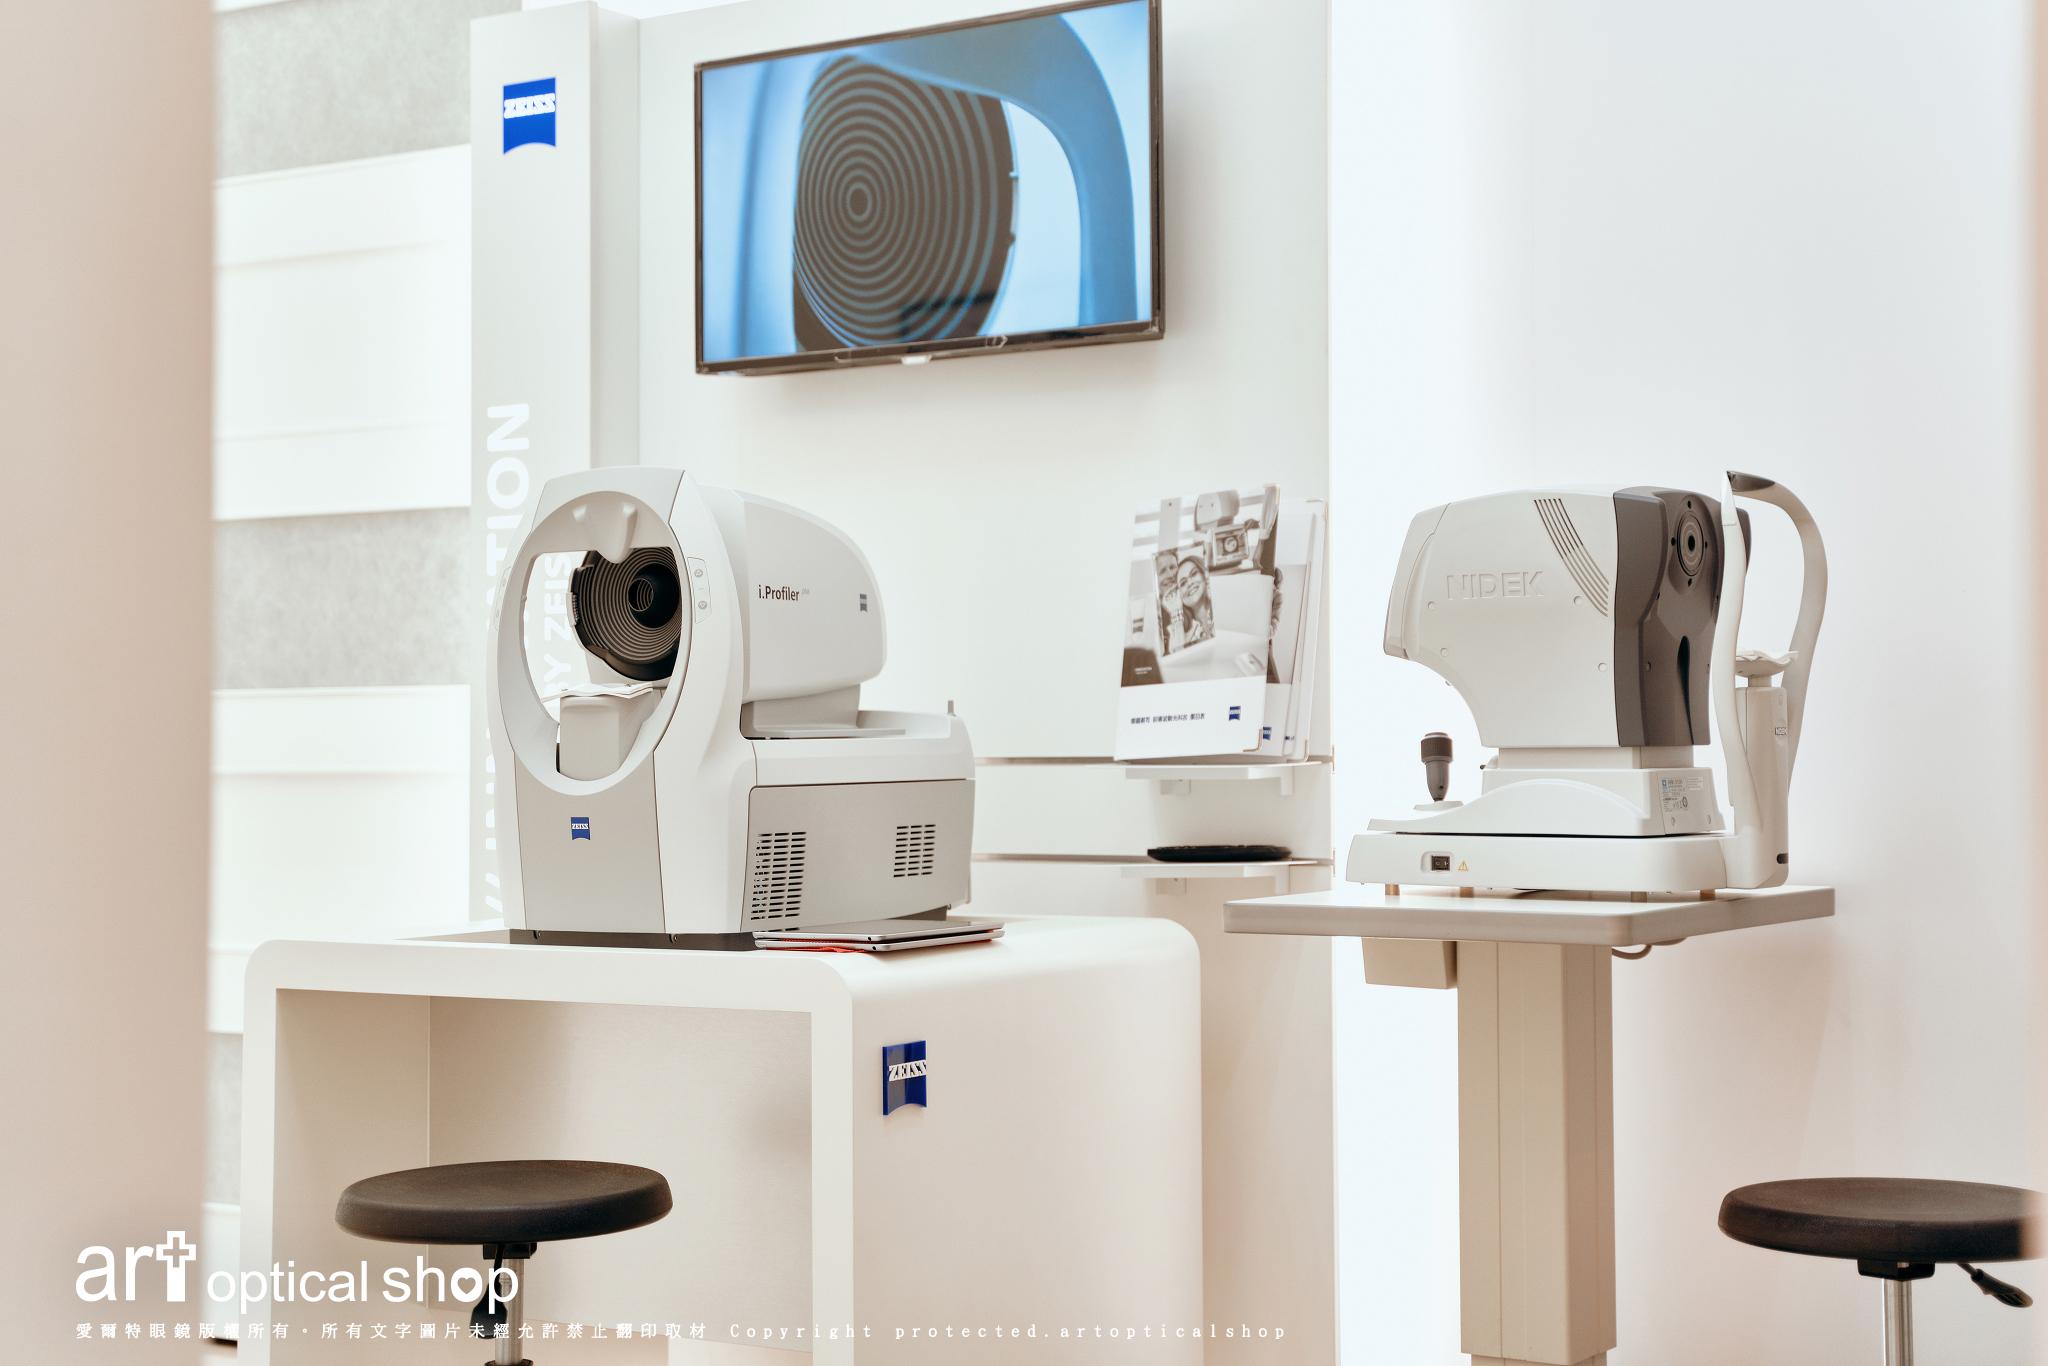 【蔡司 ZEISS X 愛爾特 artopticalshop】i.Profiler® plus 前導波高階像差分析儀